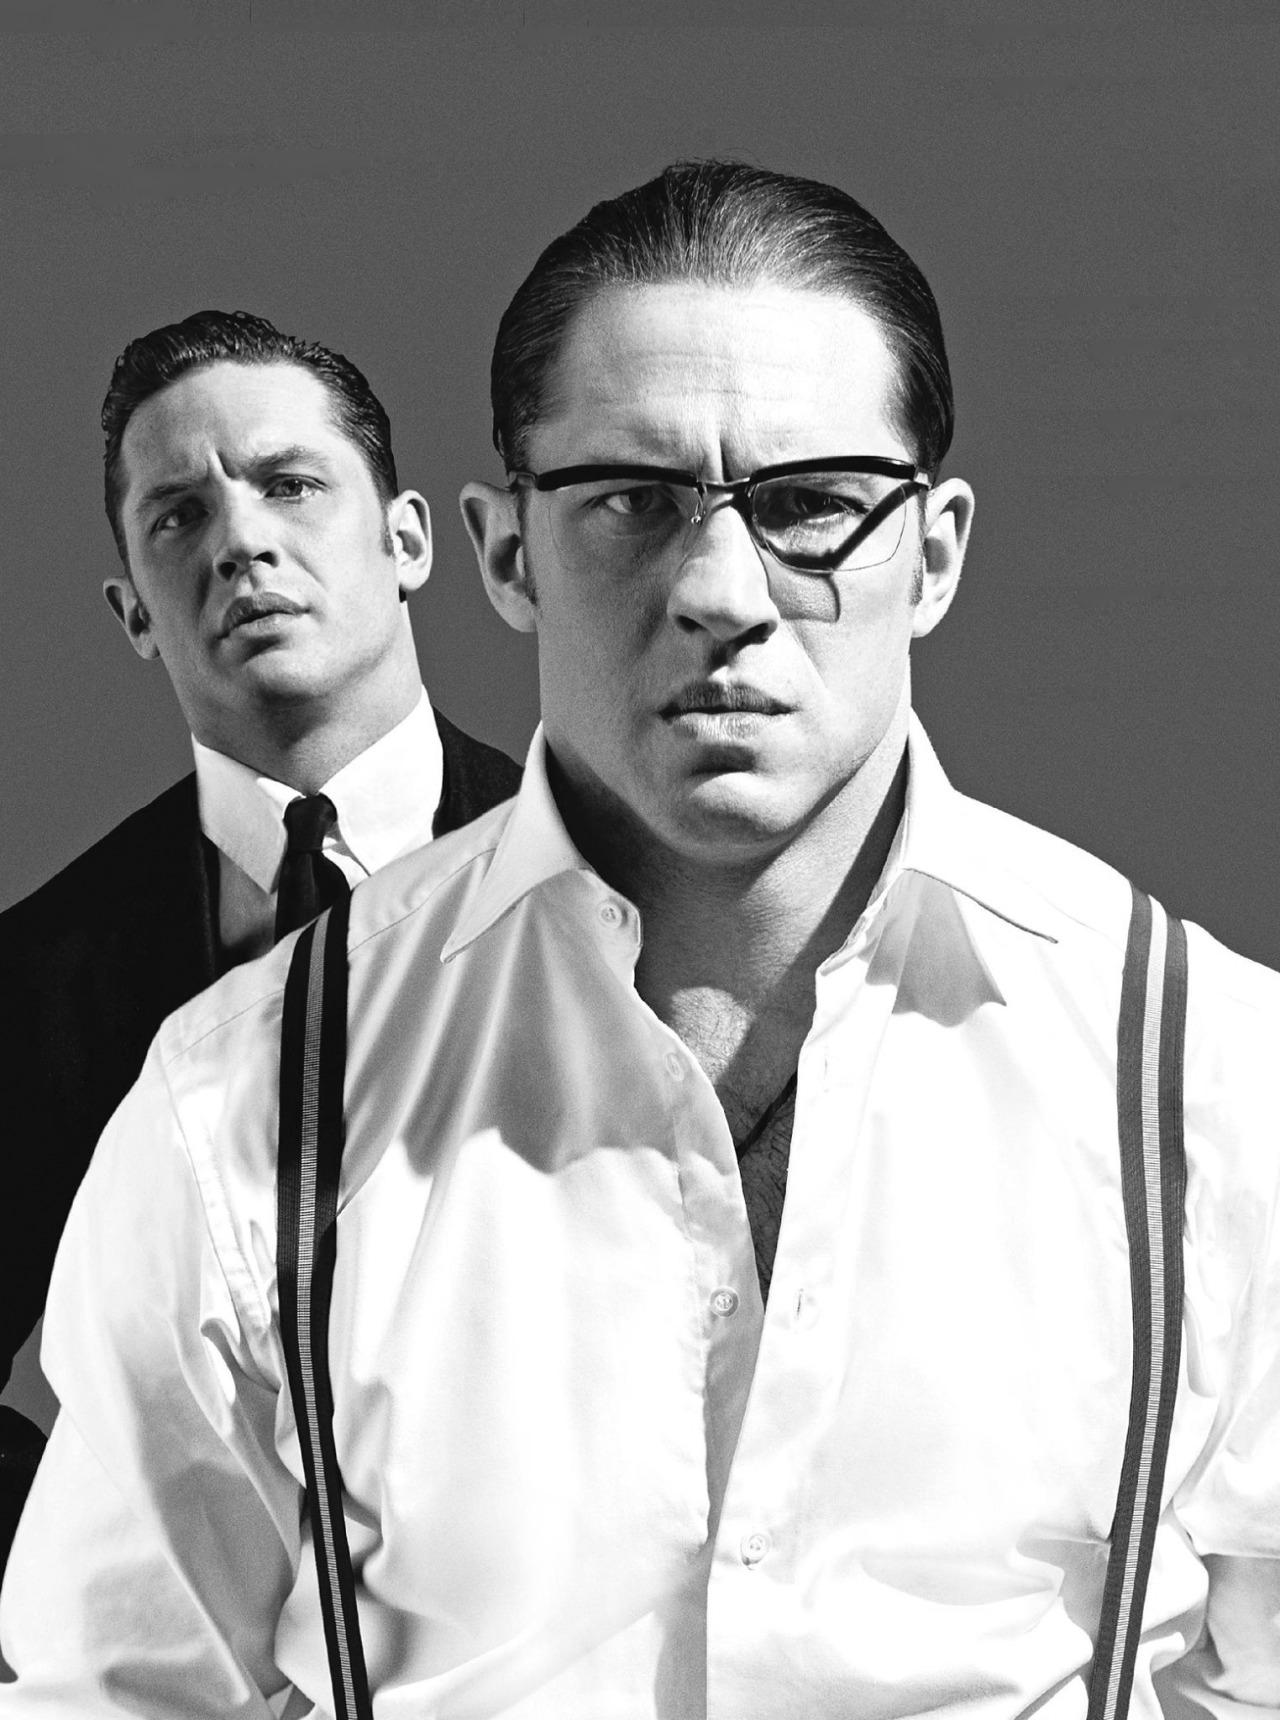 Том Харди и Том Харди: фотосессия для The Sunday Times, посвященная гангстерской драме «Легенда»  #КПлюбуется http://t.co/yhww32Kqpo